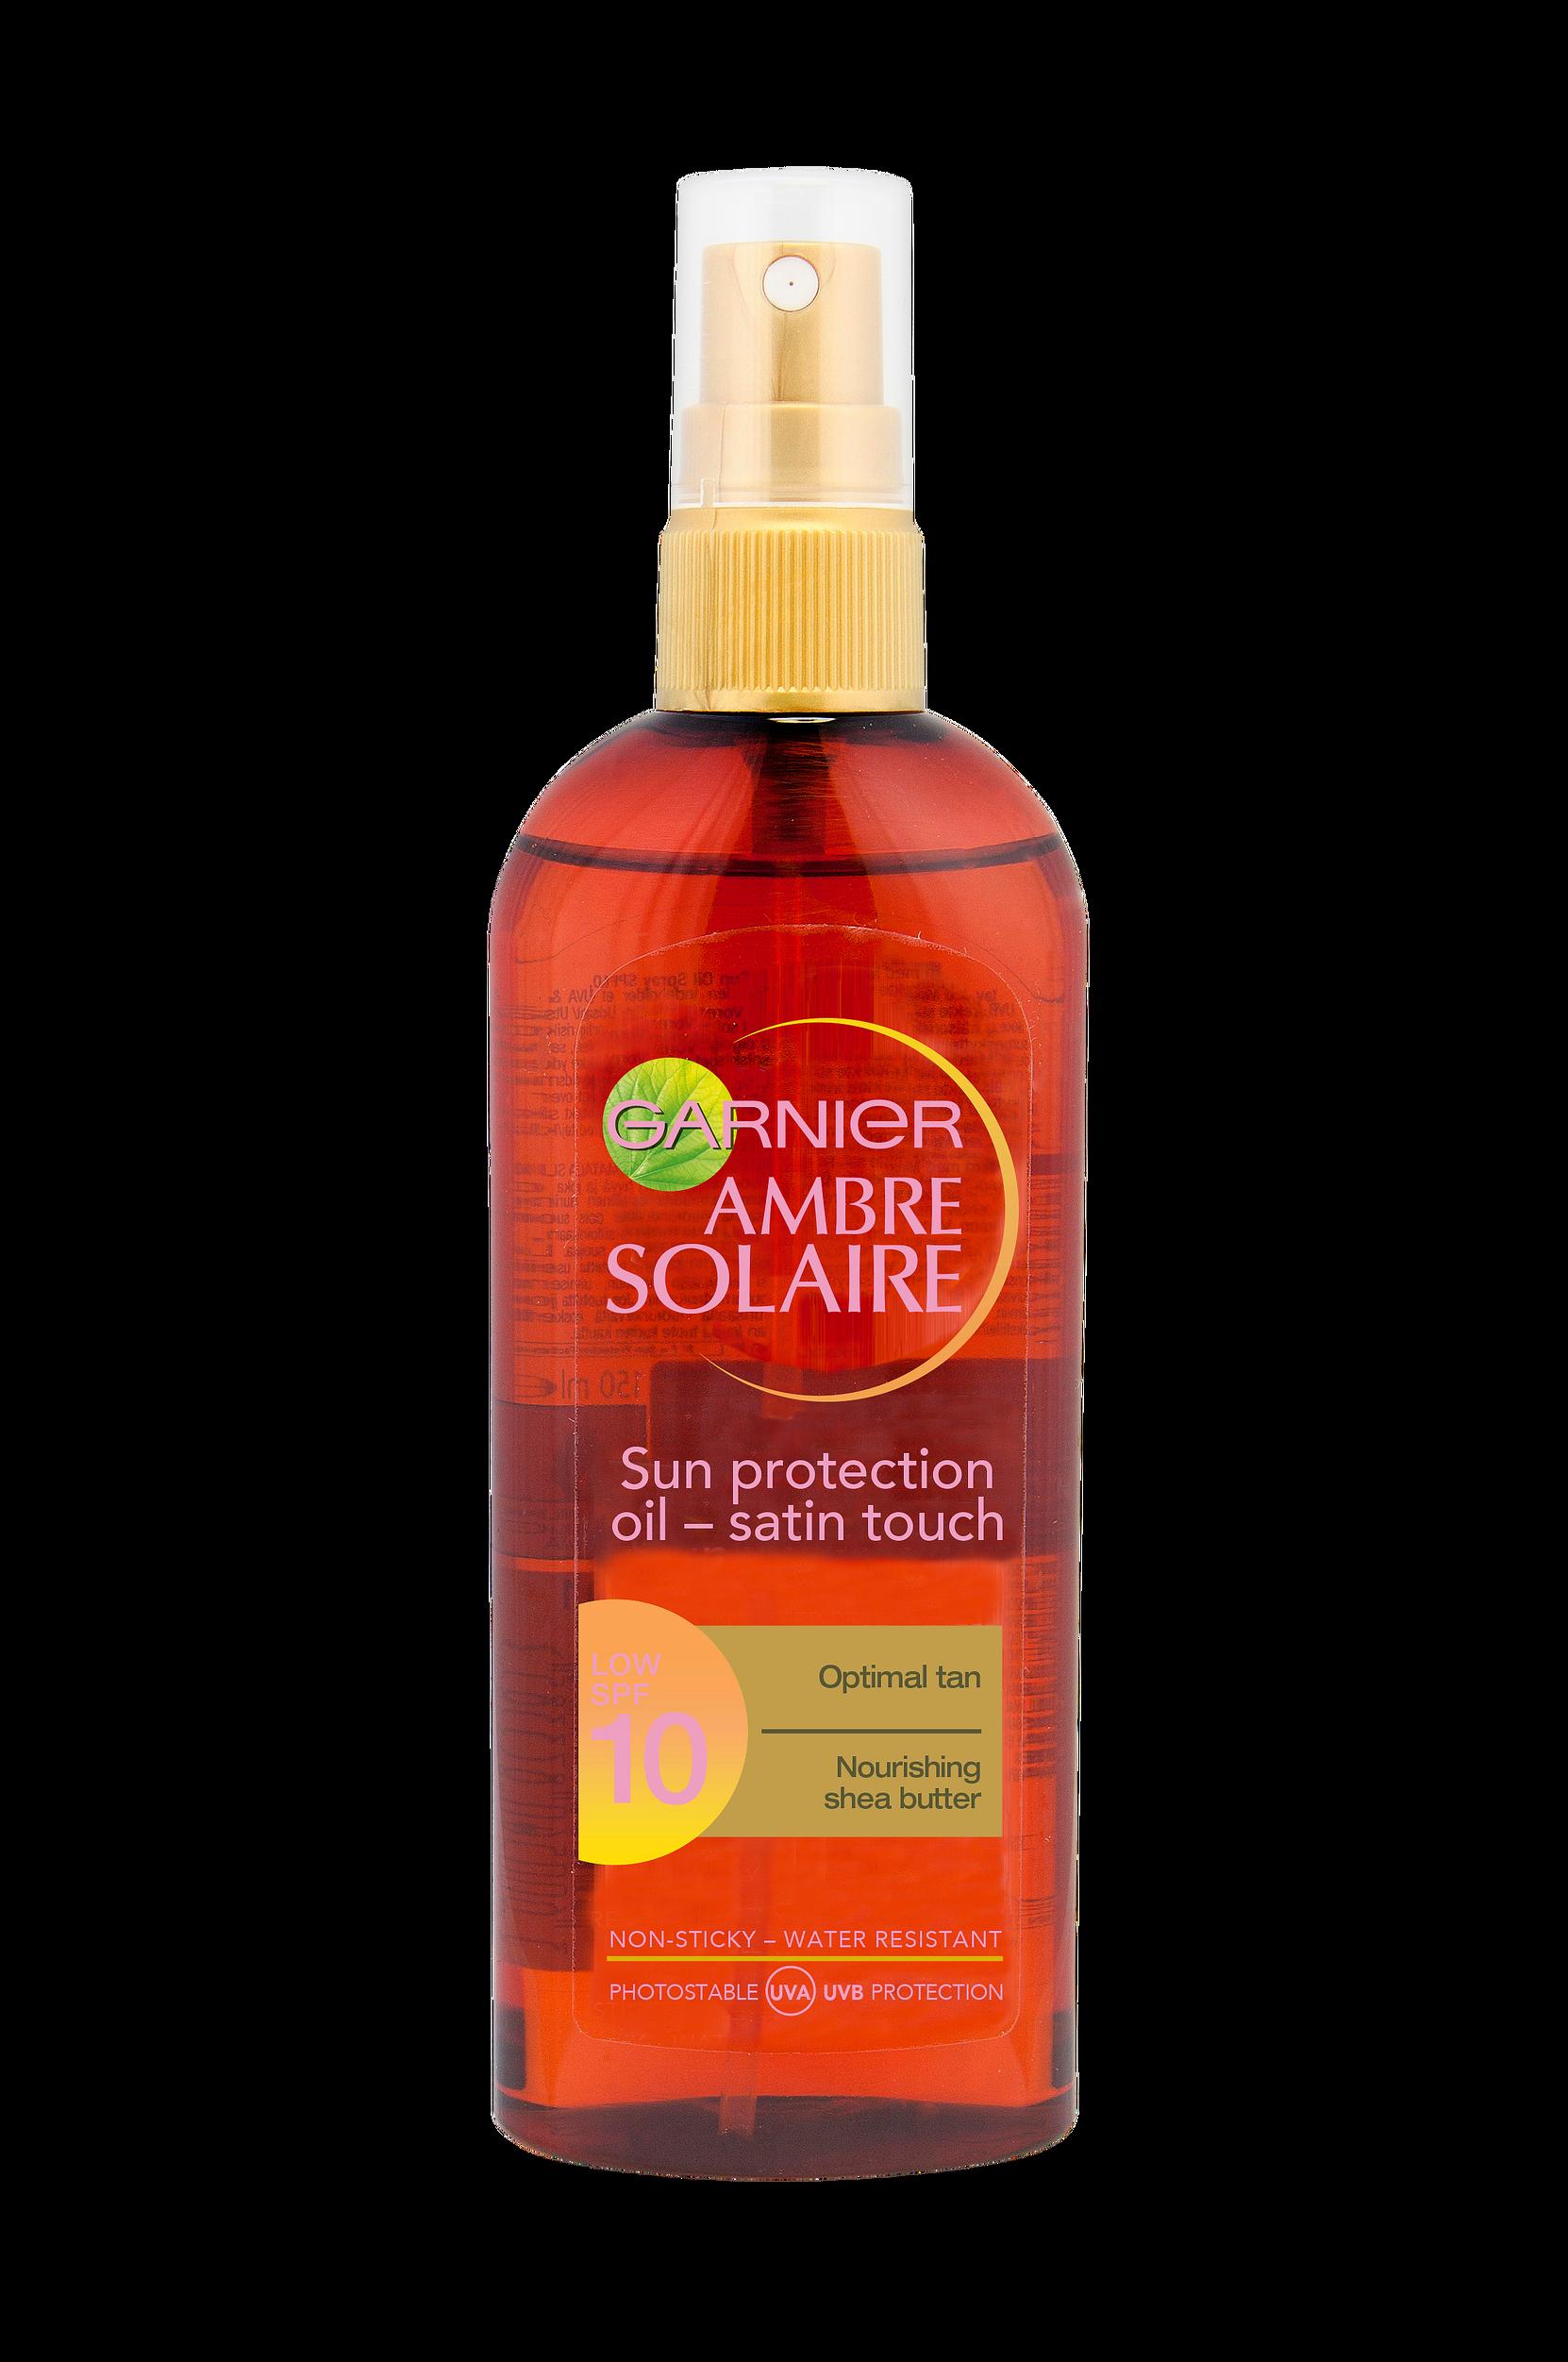 Ambre Solaire Oil Spray SPF 10 Garnier Solprodukter til Kvinder i